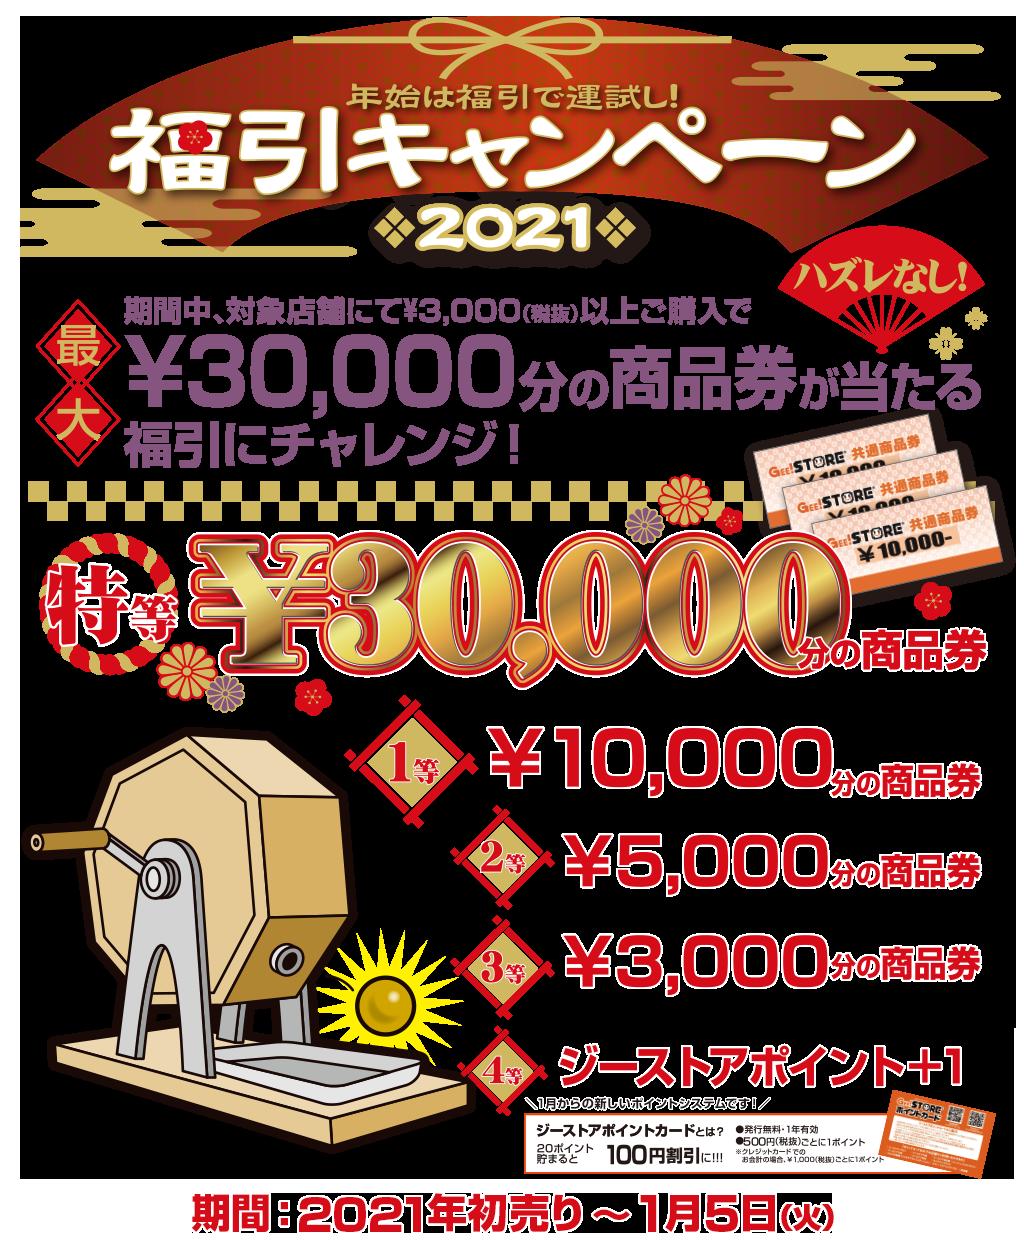 [キャンペーン]『2021年新春キャンペーン』ハズレなし!最大3万円分の商品券が当たる!福引キャンペーン2021